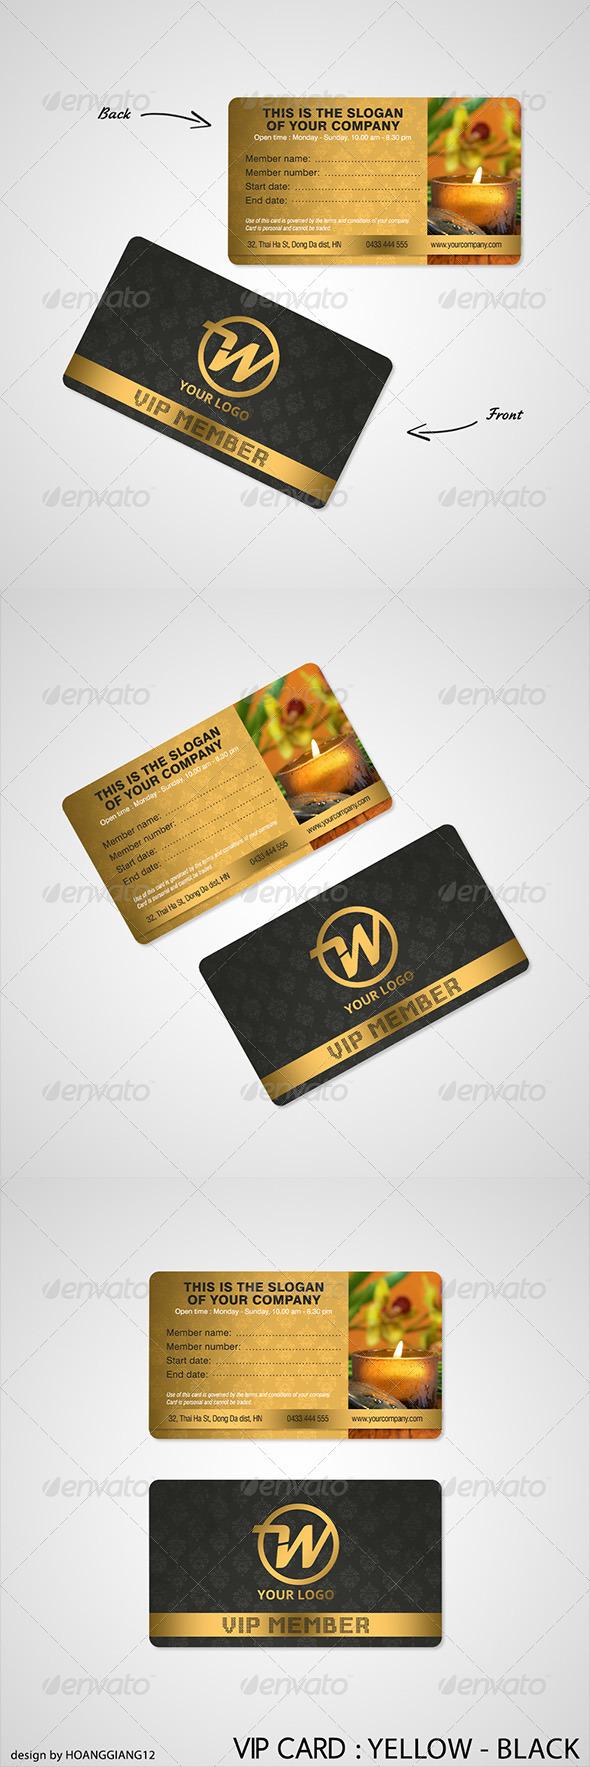 GraphicRiver Luxury Spa Vip Card 3824902